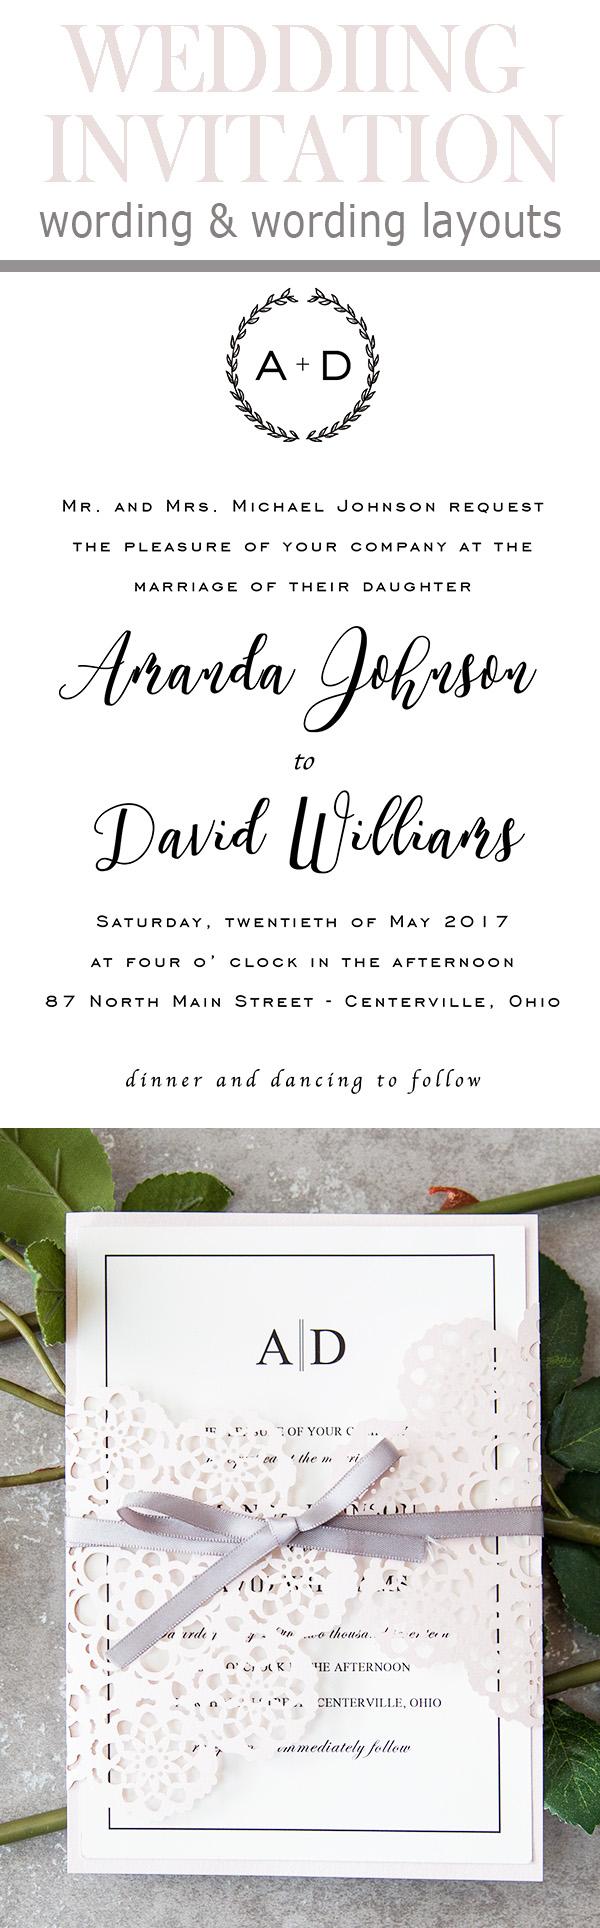 20 Por Wedding Invitation Wording Diy Templates Ideas